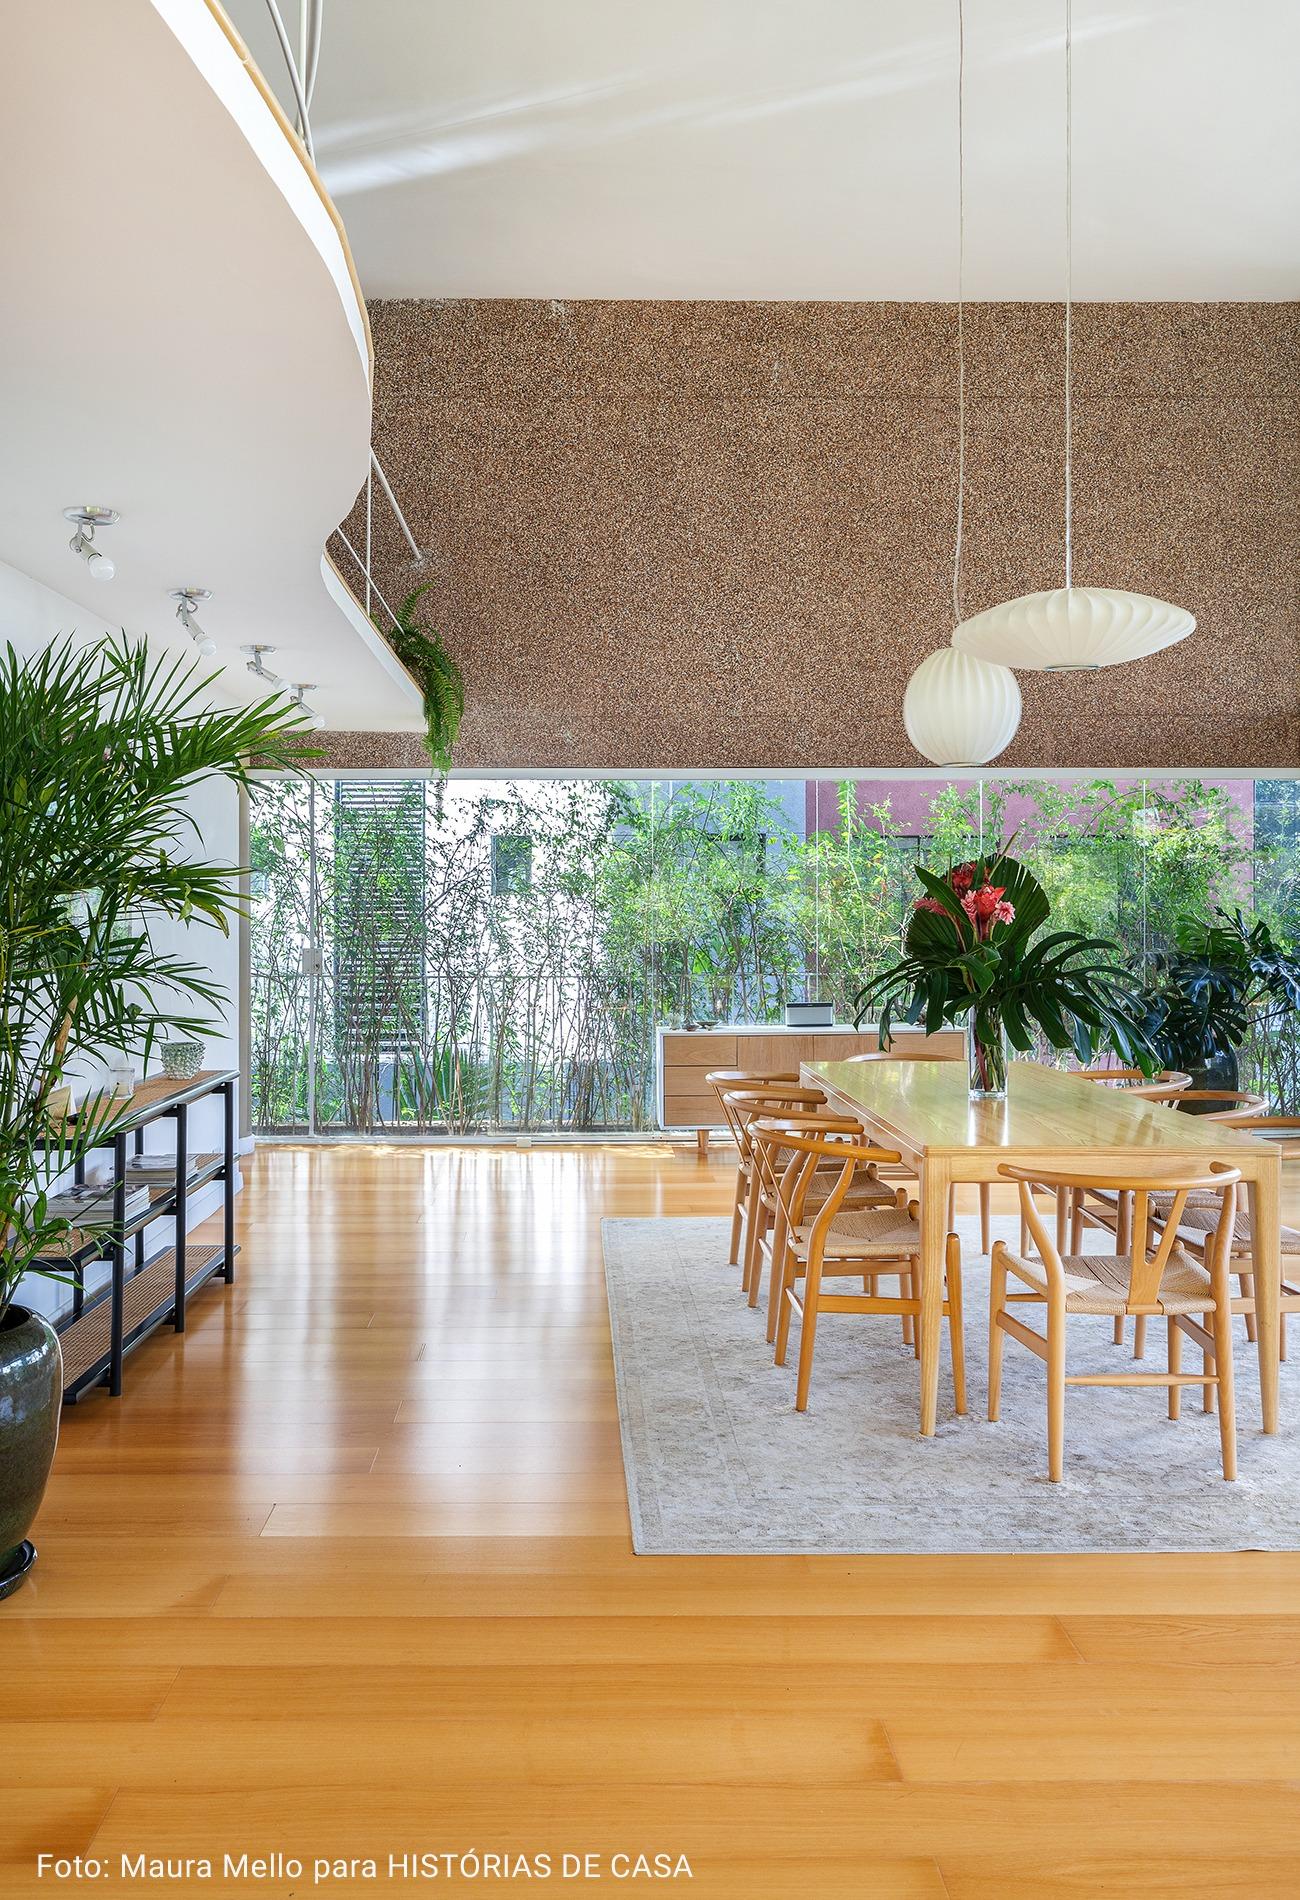 sala de jantar com plantas e mesanino